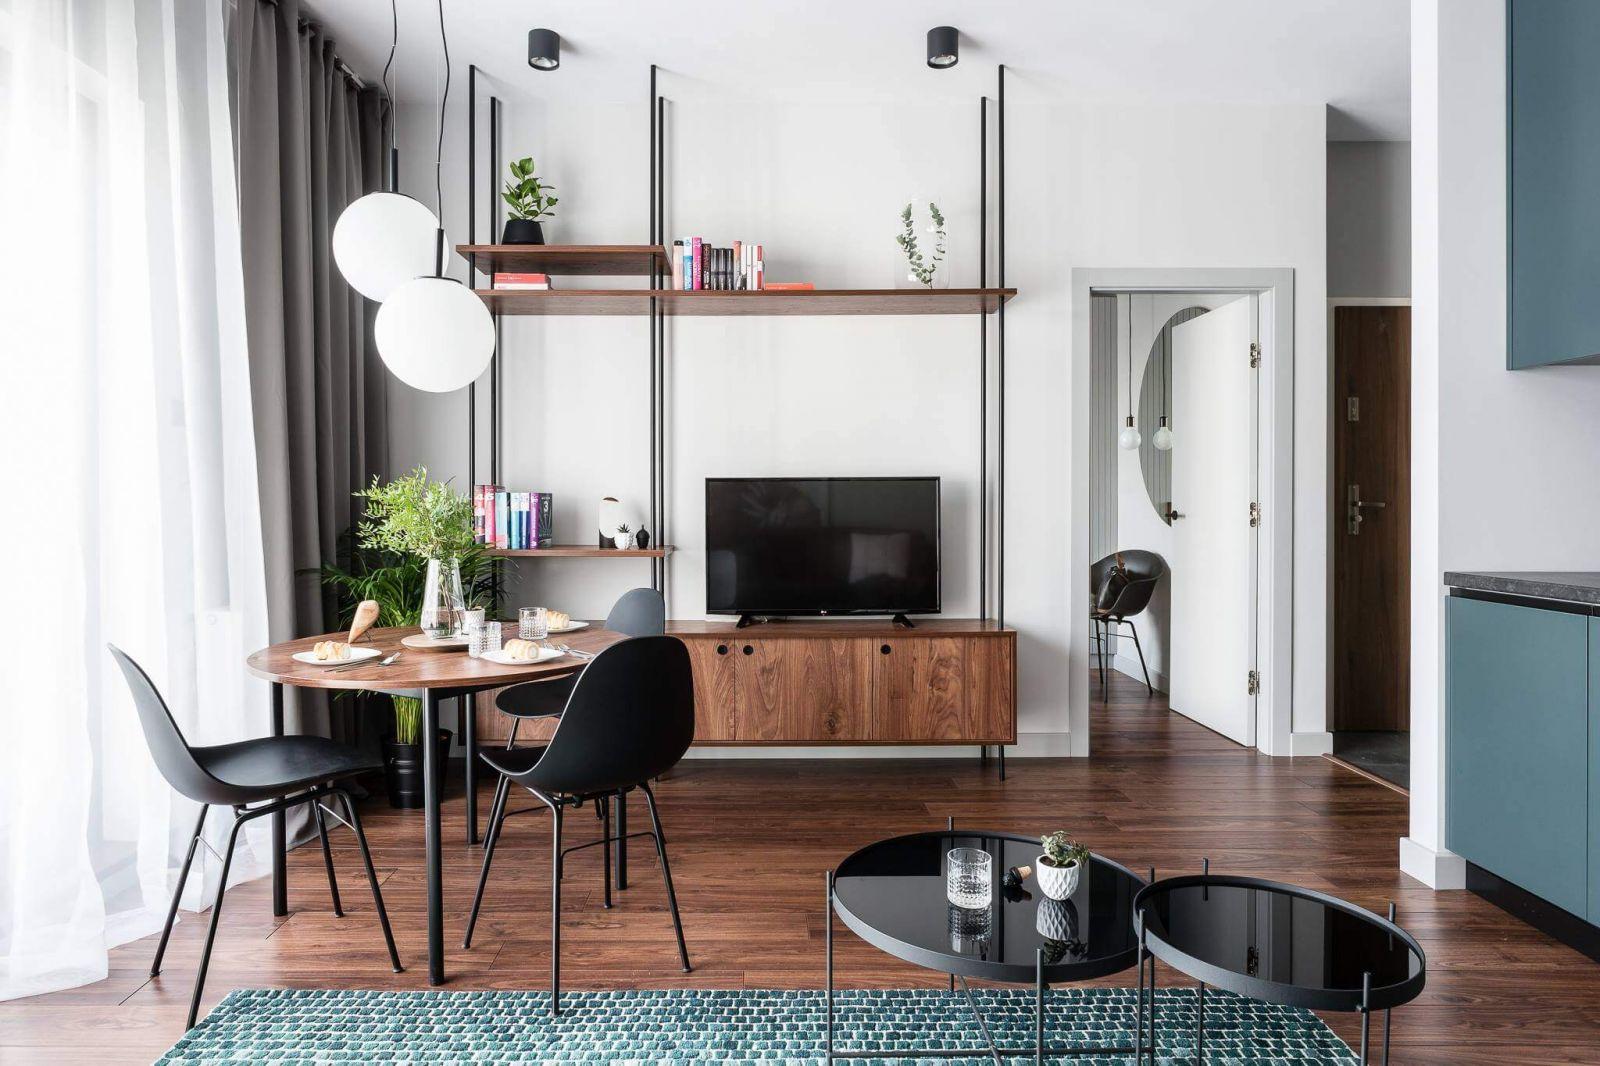 Гладкие белые стены являются прекрасным фоном для ярких цветовых вкраплений в виде предметов мебели и декора